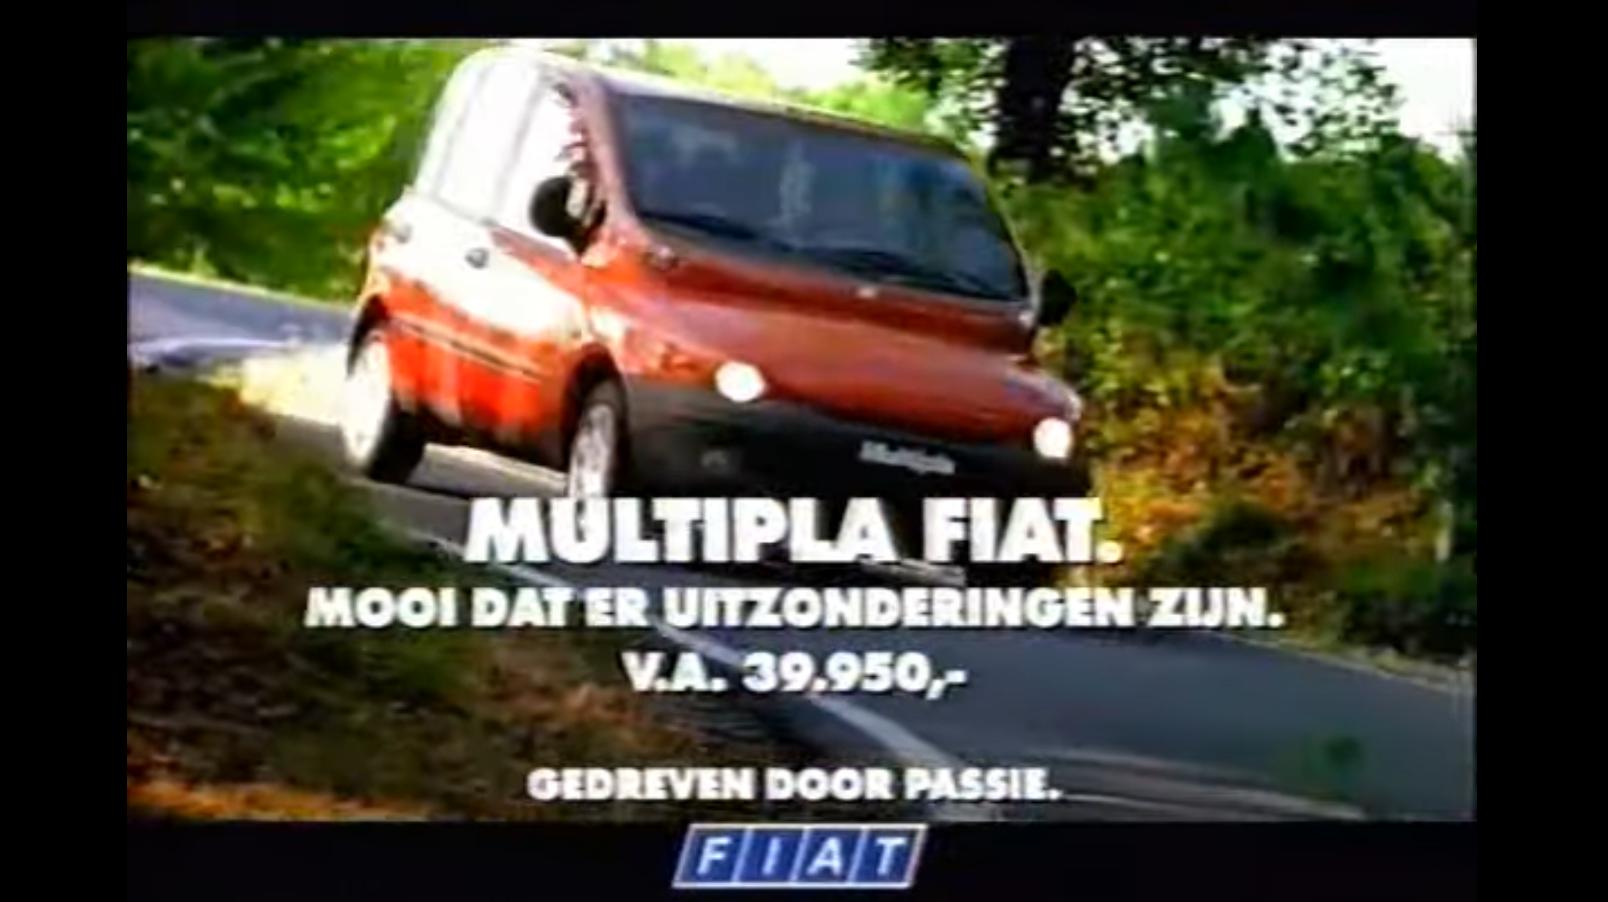 Michael Schumacher Fiat Multipla reclame auto 3 4 voor